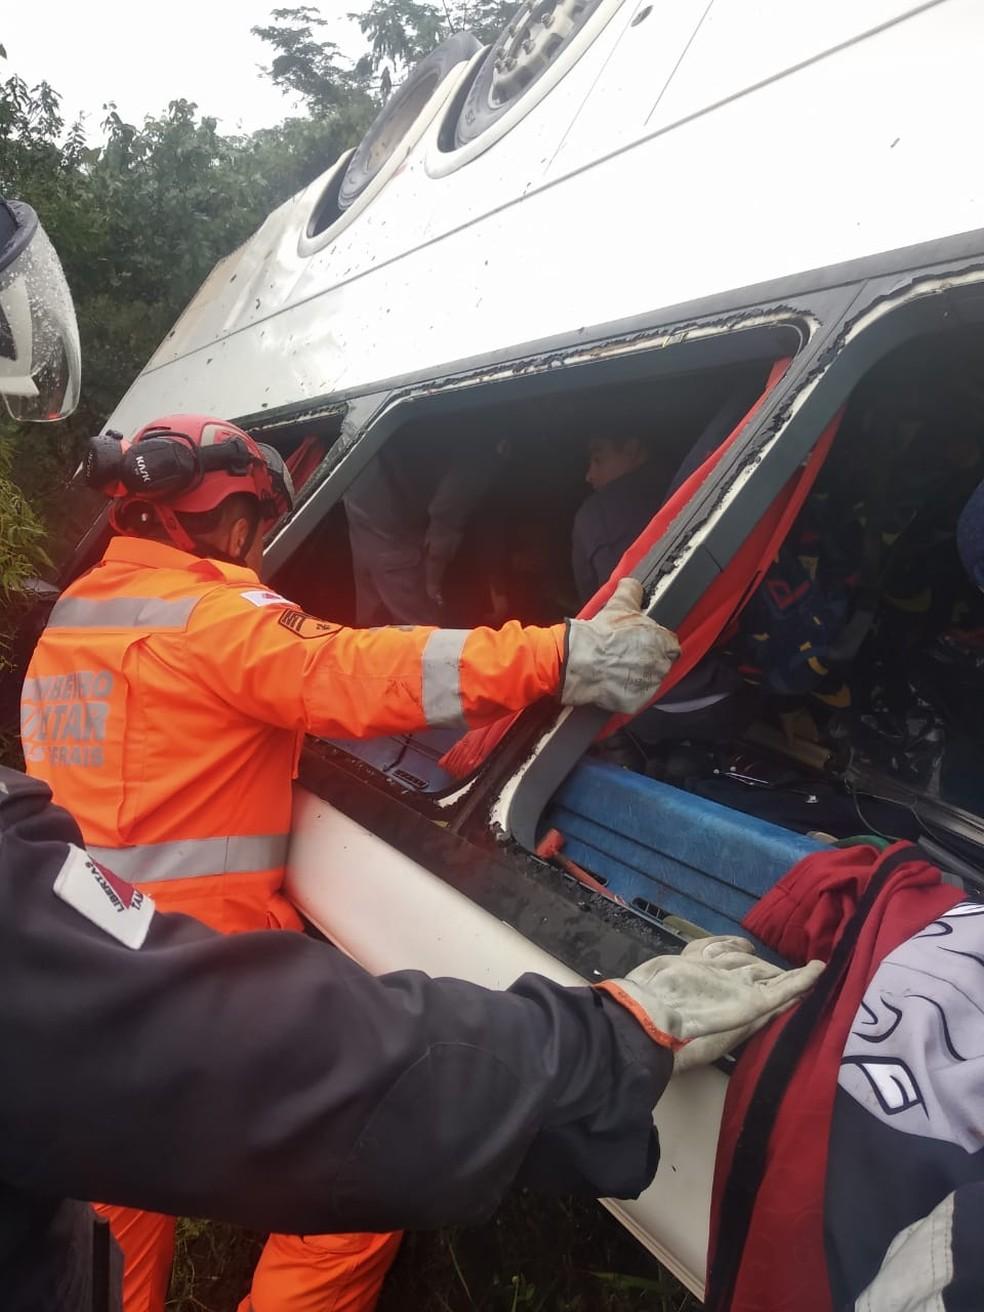 Bombeiros fazem resgate dos feridos no Serro — Foto: Corpo de Bombeiros/Divulgação